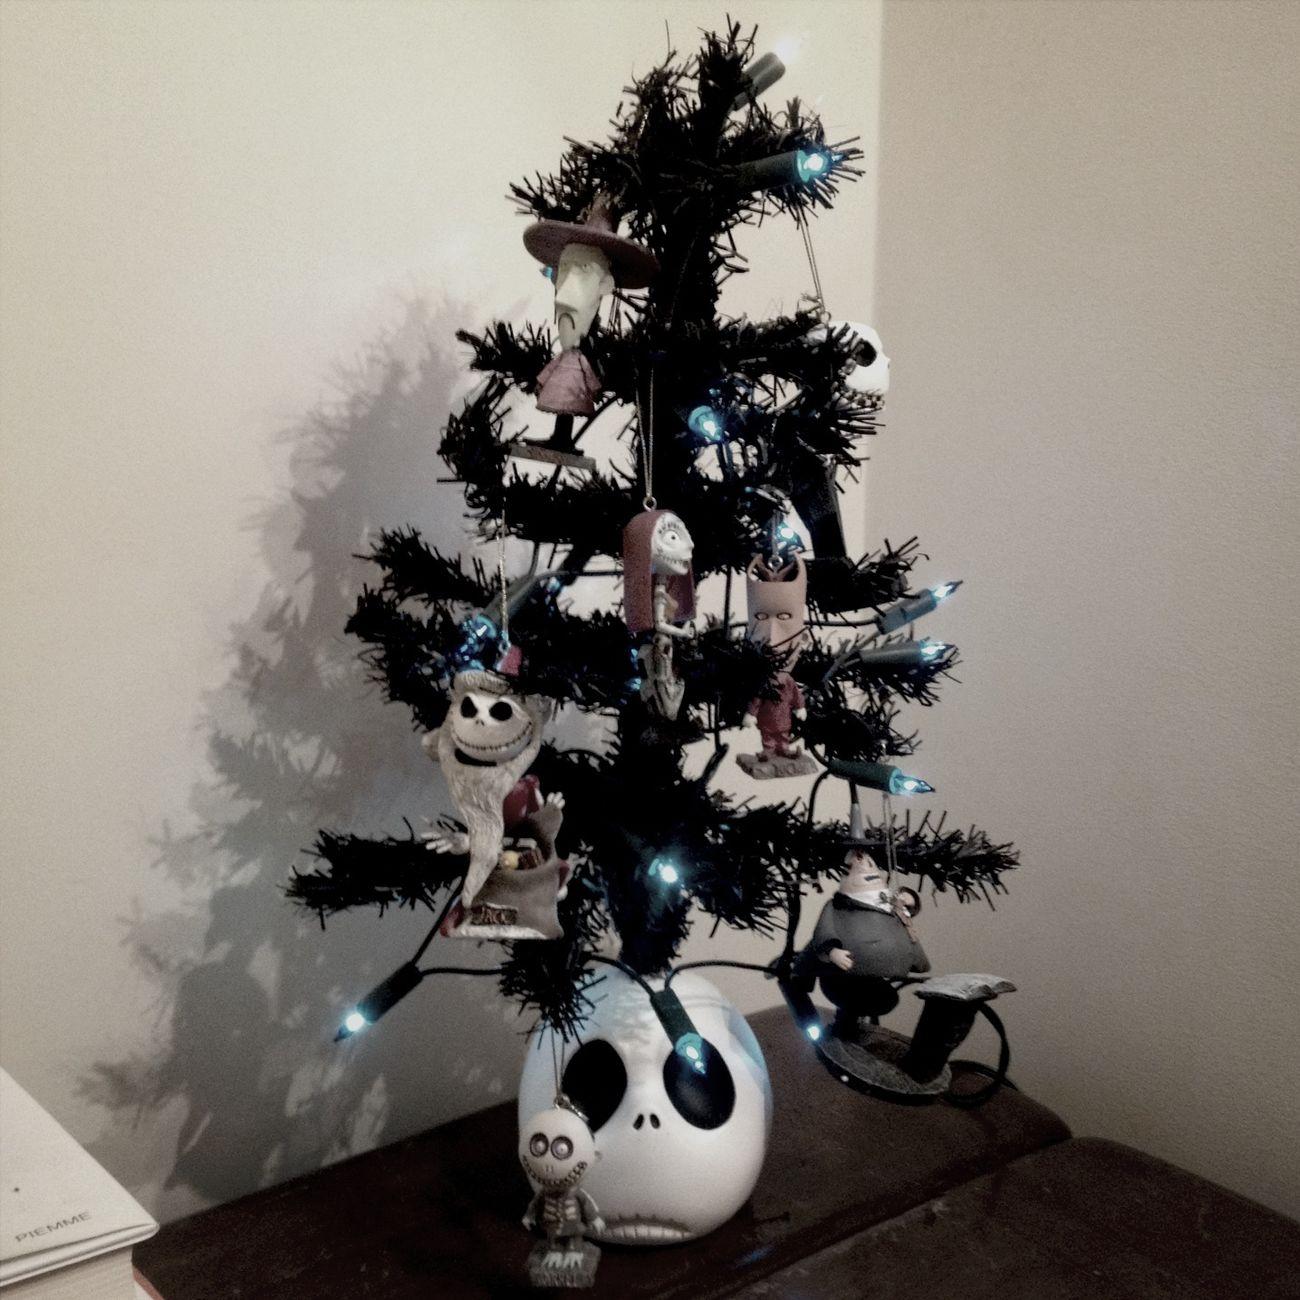 This year, xmas with Tim Burton!:) Christmas Tree Timburton TheNightmareBeforeChristmas Merry Christmas!